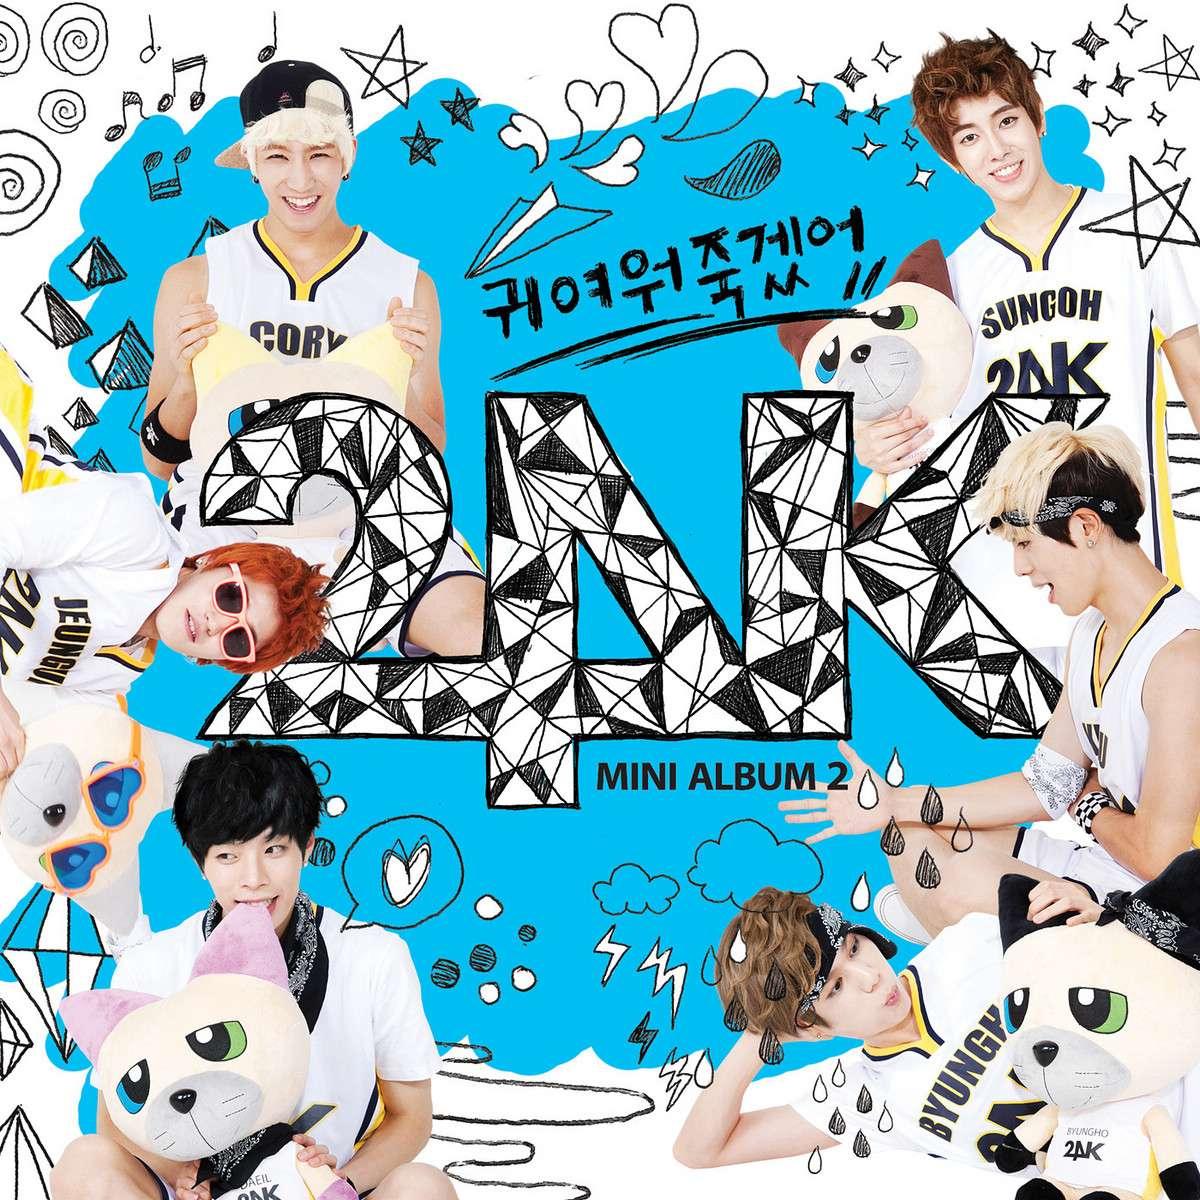 [Mini Album] 24K - U R SO CUTE (MP3)